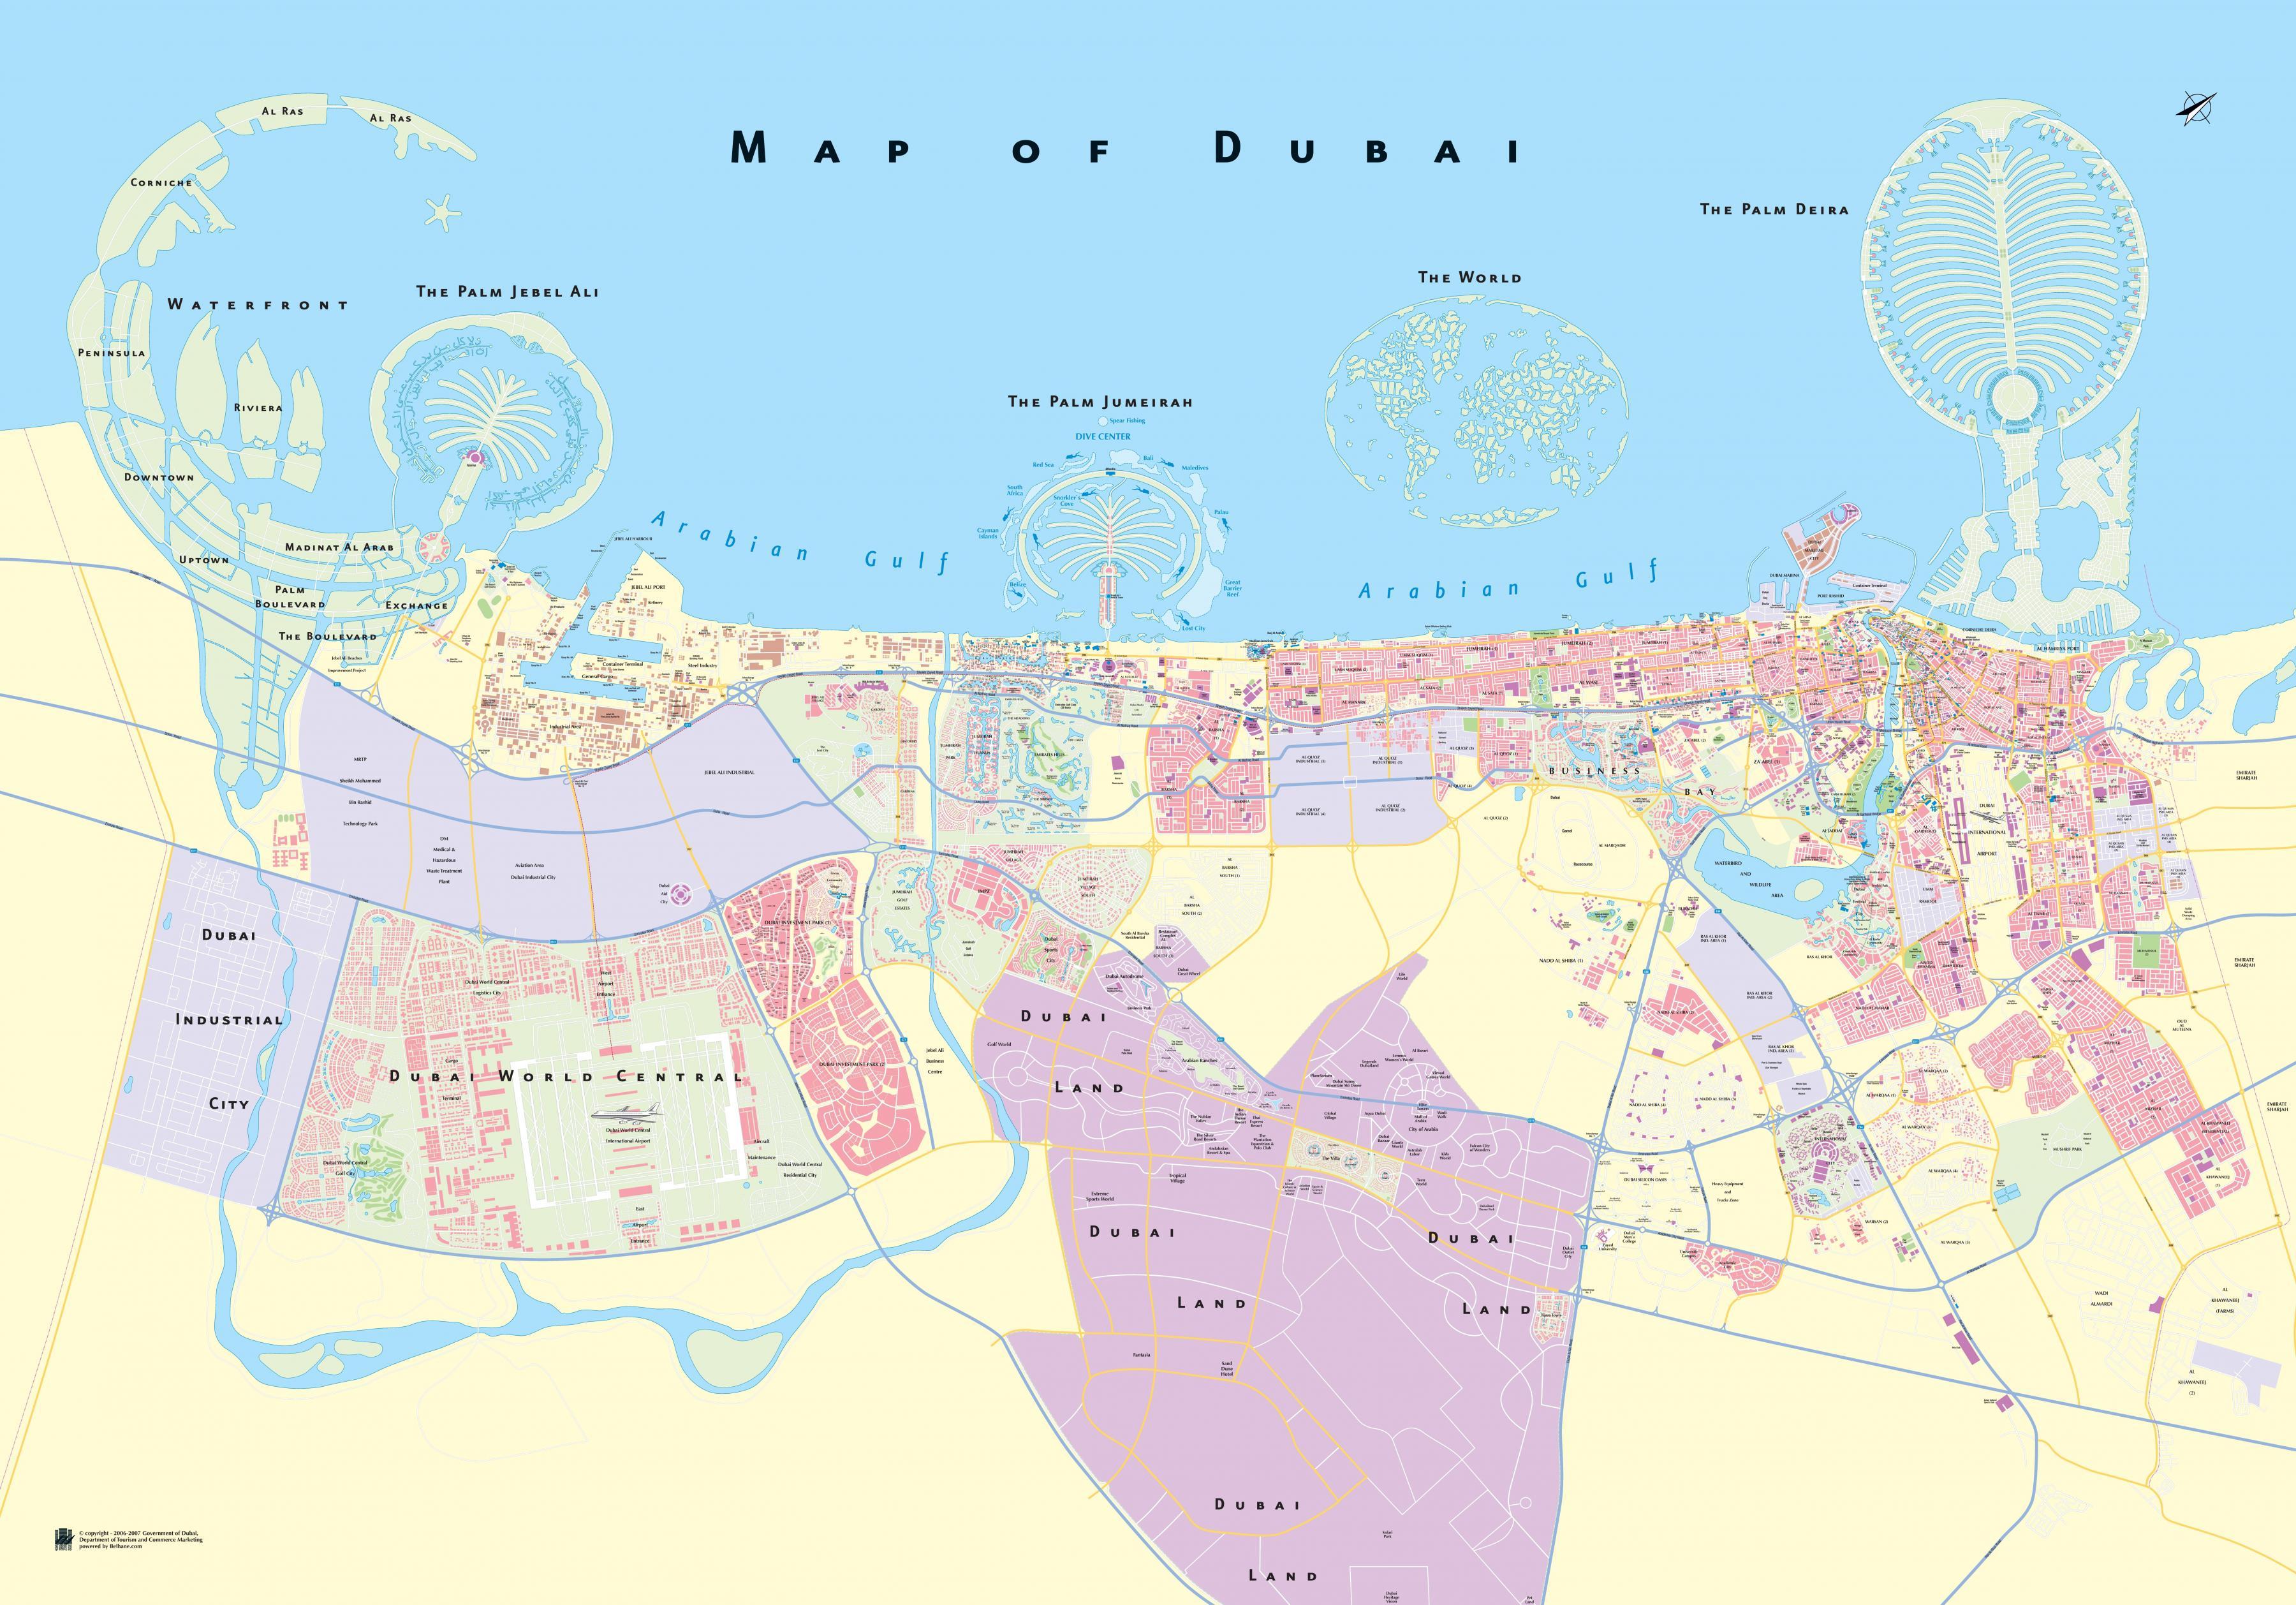 Dubai area map map of dubai area united arab emirates map of dubai area gumiabroncs Images